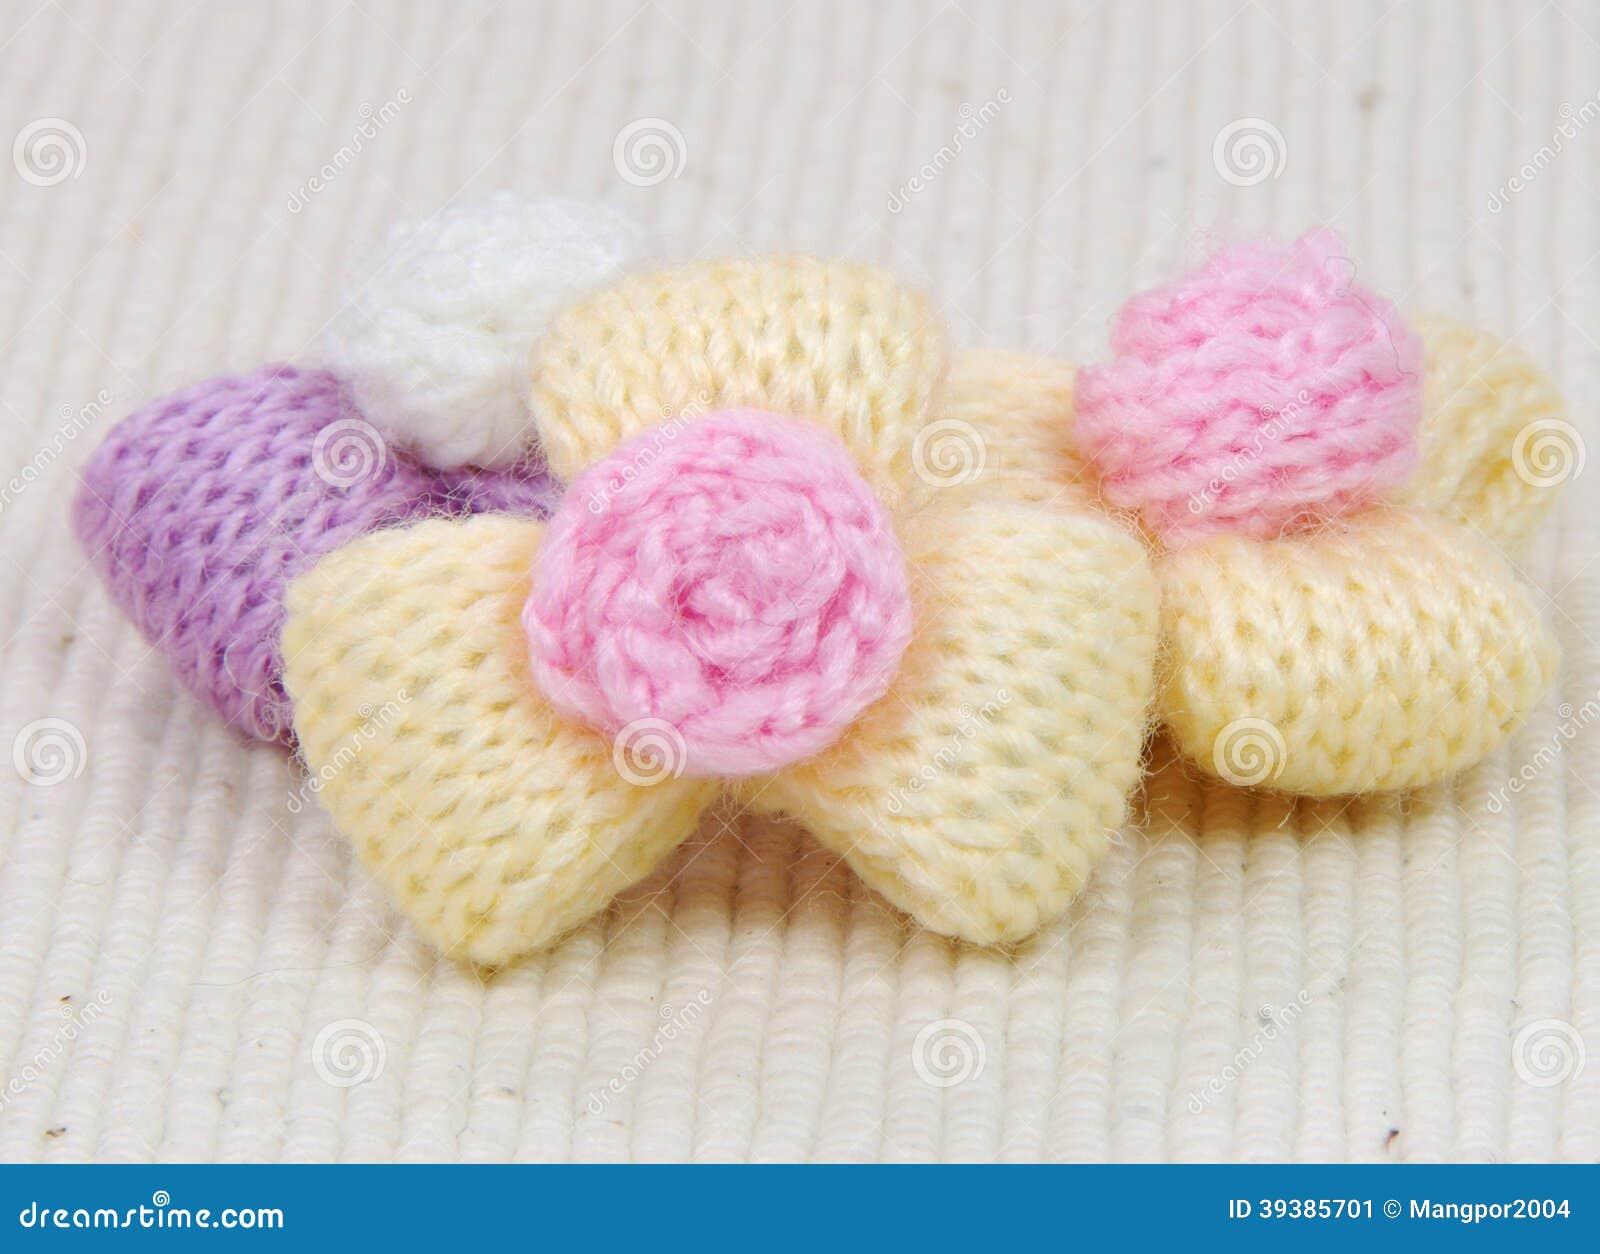 Färgrika handarbeteullblommor, dekorera som är handgjort.